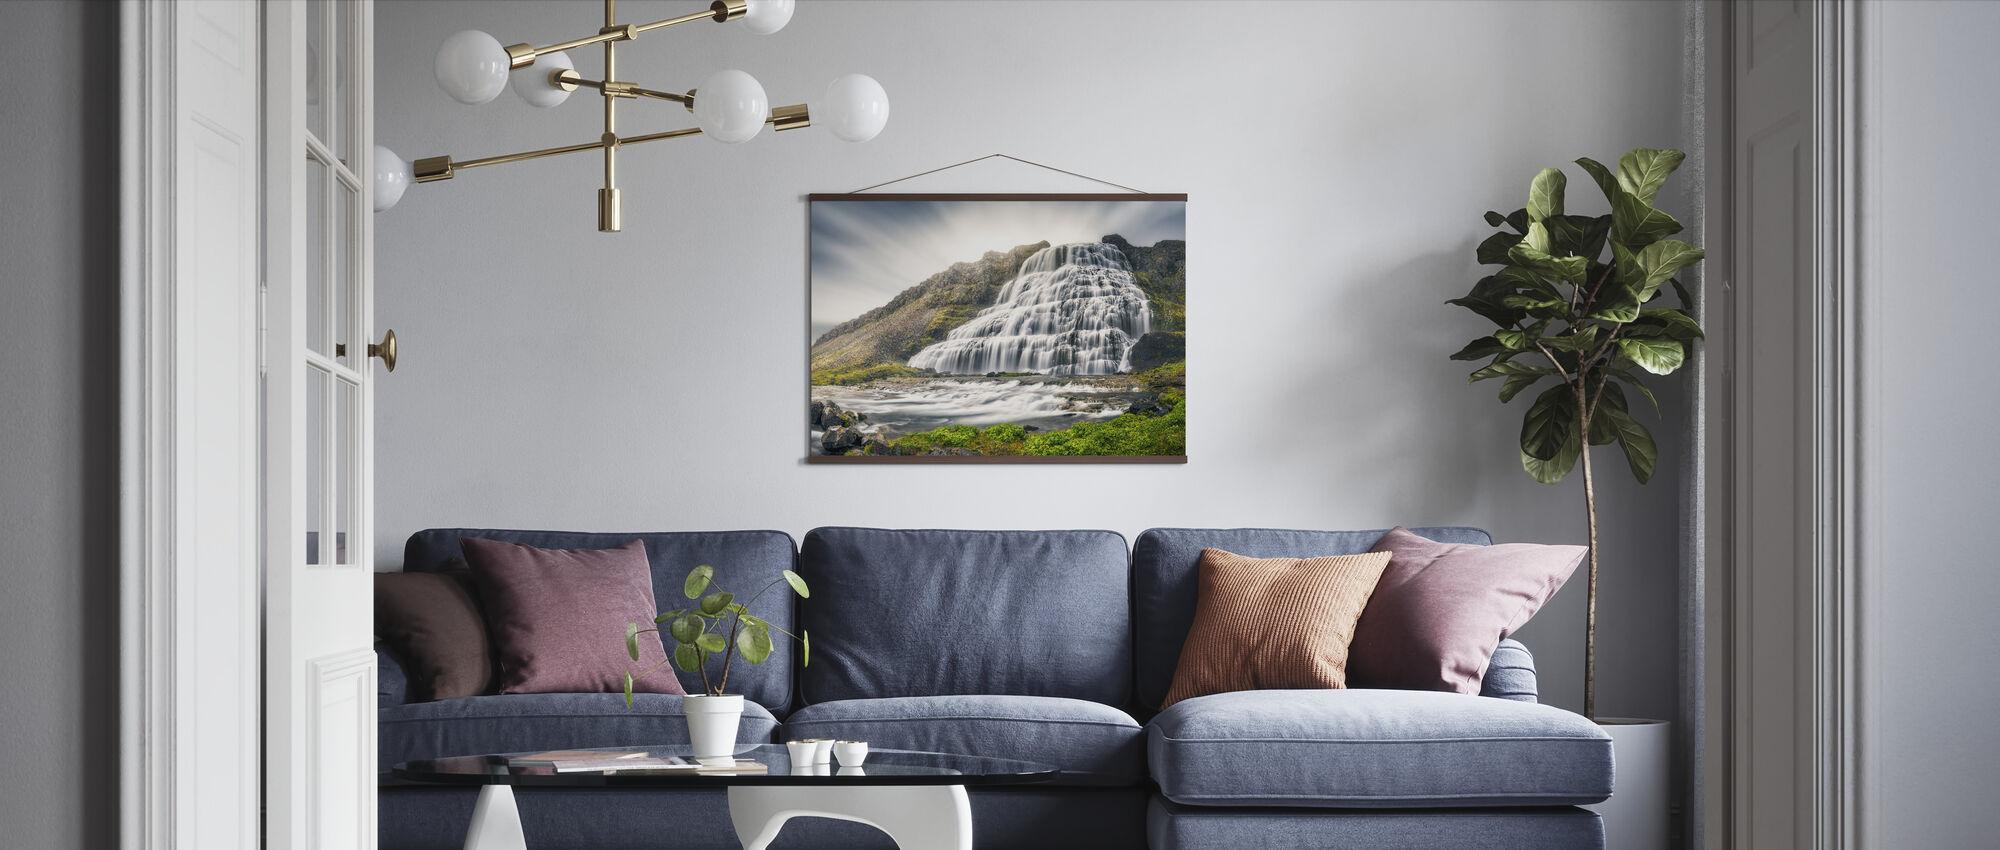 Timeless - Poster - Living Room